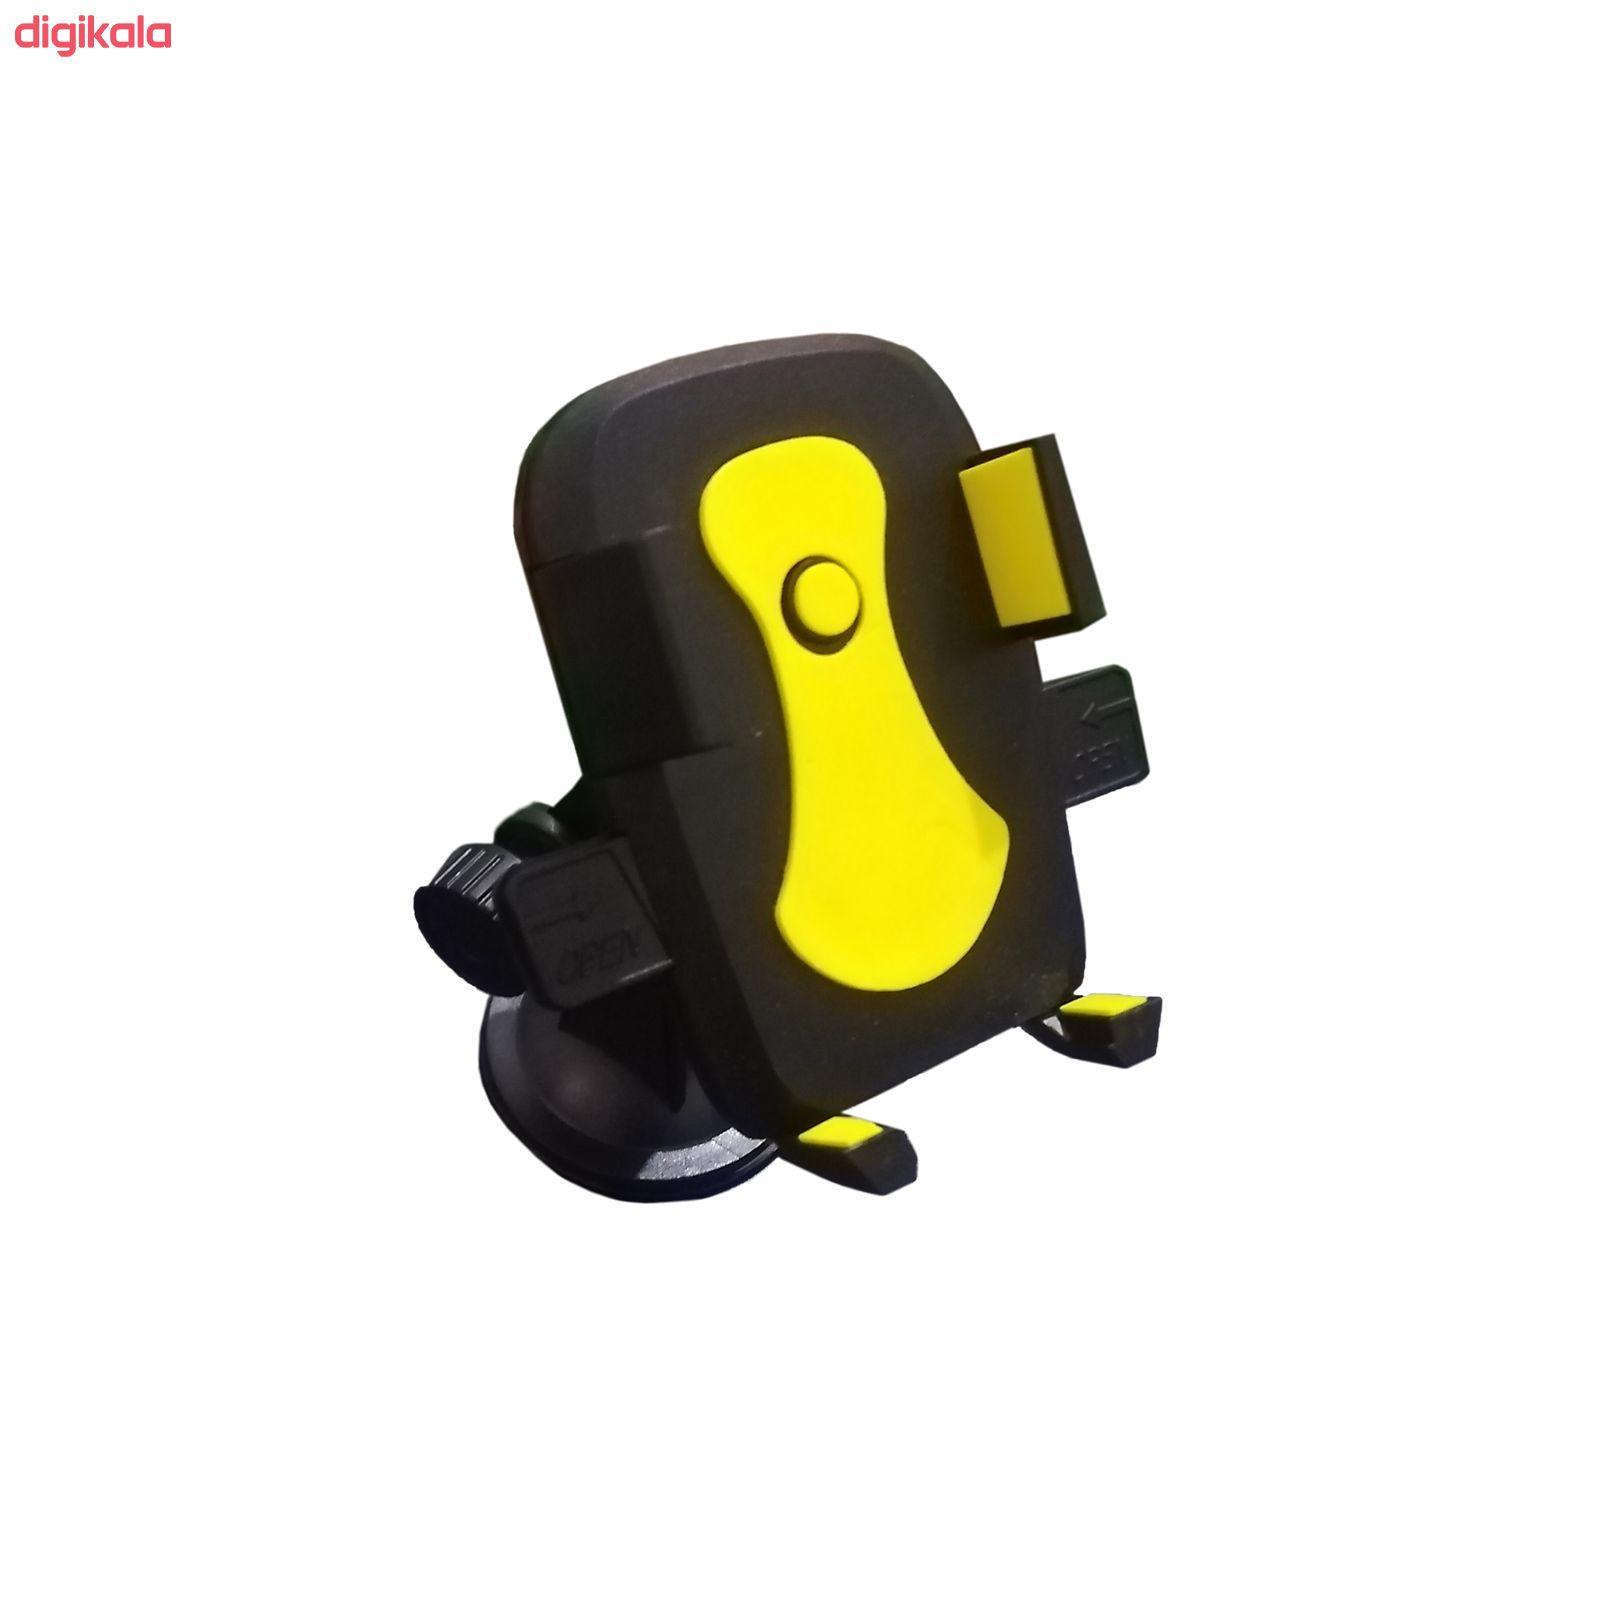 پایه نگهدارنده گوشی موبایل کد 9085 main 1 2